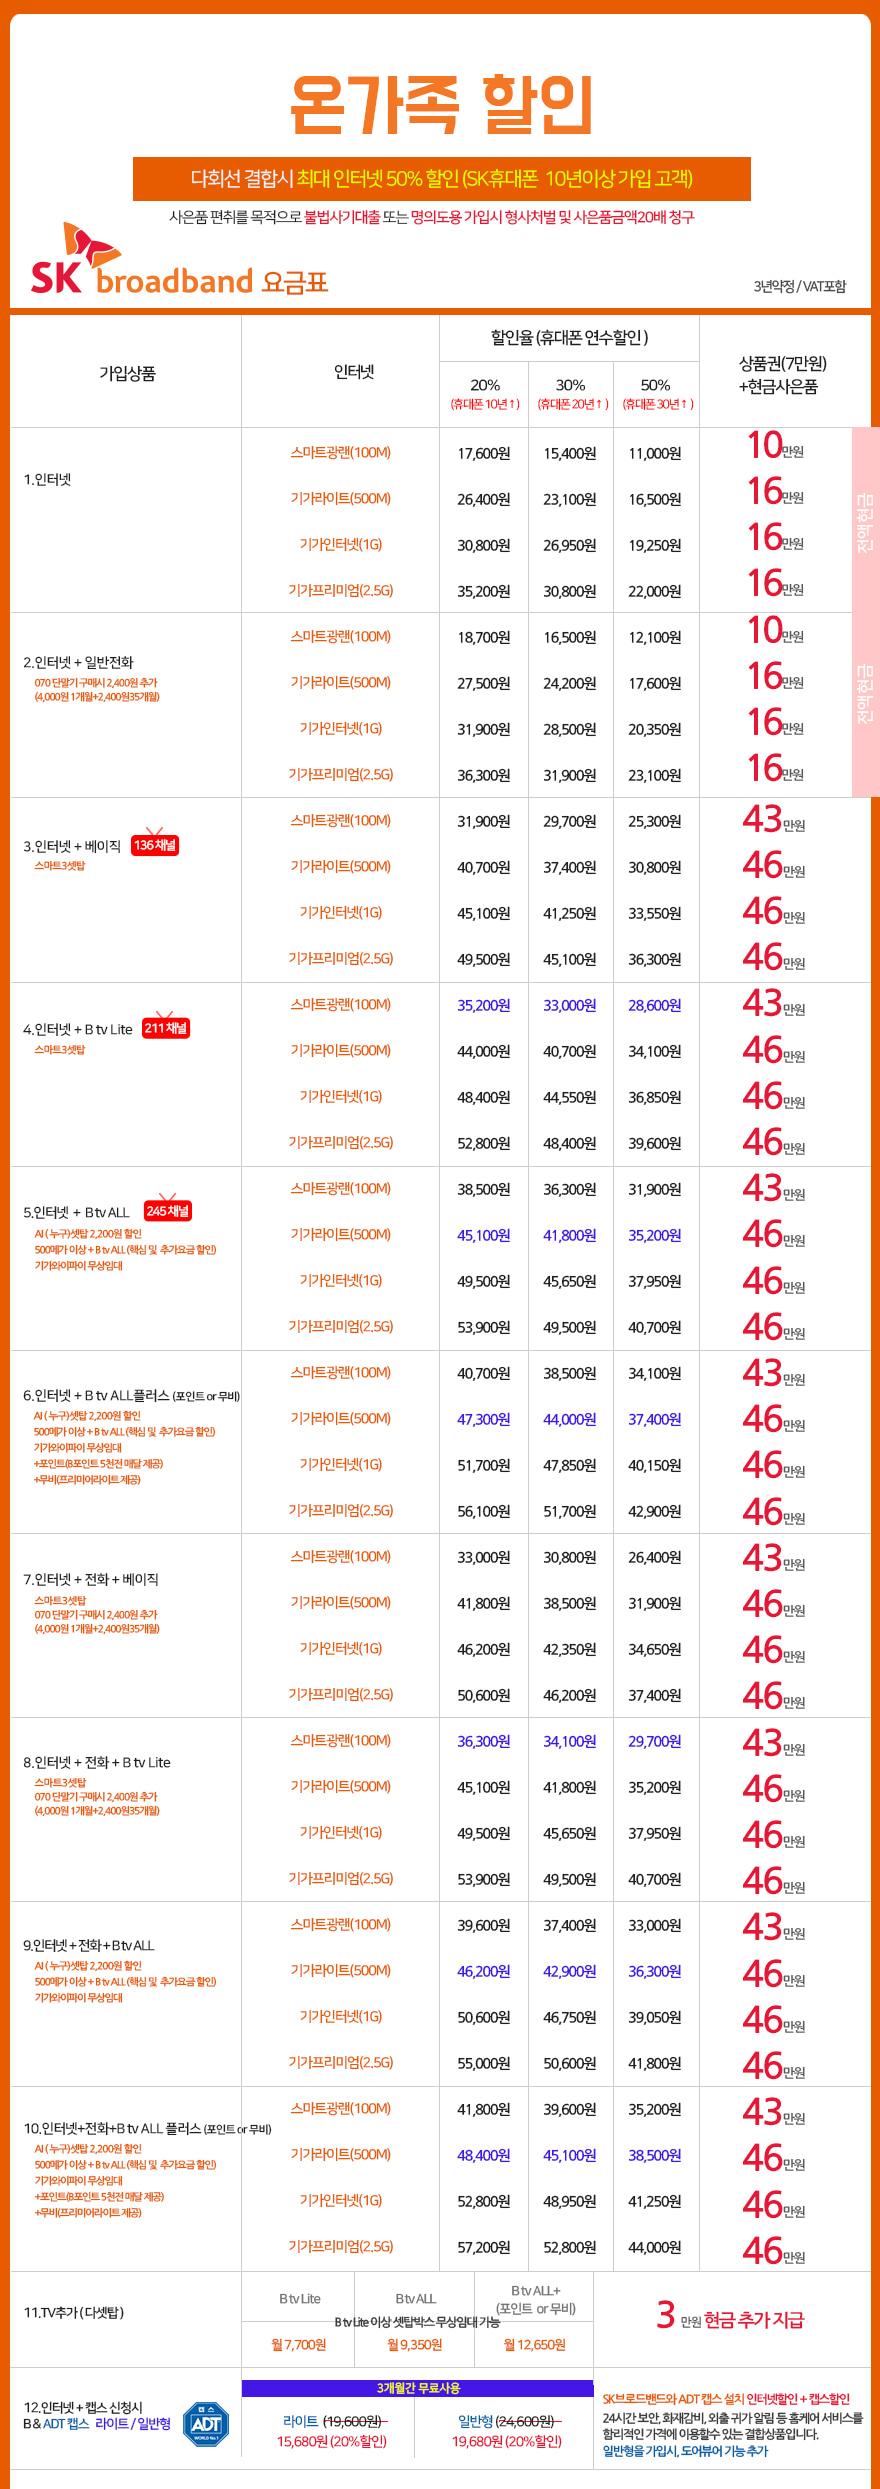 jeonguk3_01_s.jpg